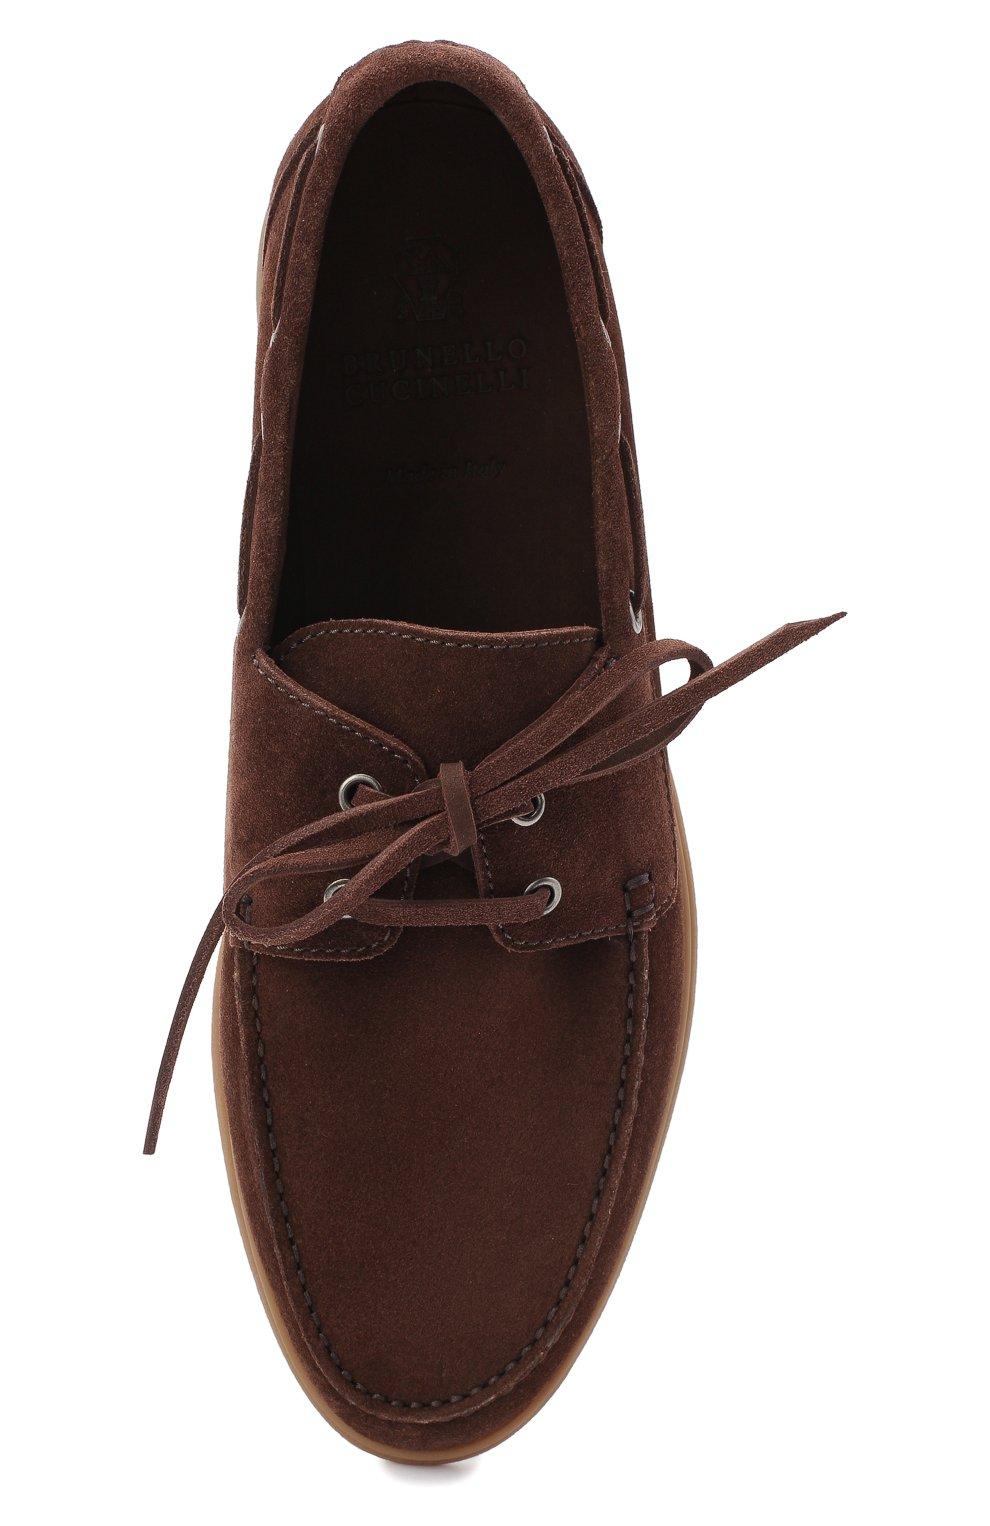 Мужские замшевые топсайдеры BRUNELLO CUCINELLI коричневого цвета, арт. MZUC0BB943 | Фото 5 (Мужское Кросс-КТ: Топсайдеры-обувь; Материал внутренний: Натуральная кожа; Материал внешний: Замша; Стили: Кэжуэл)